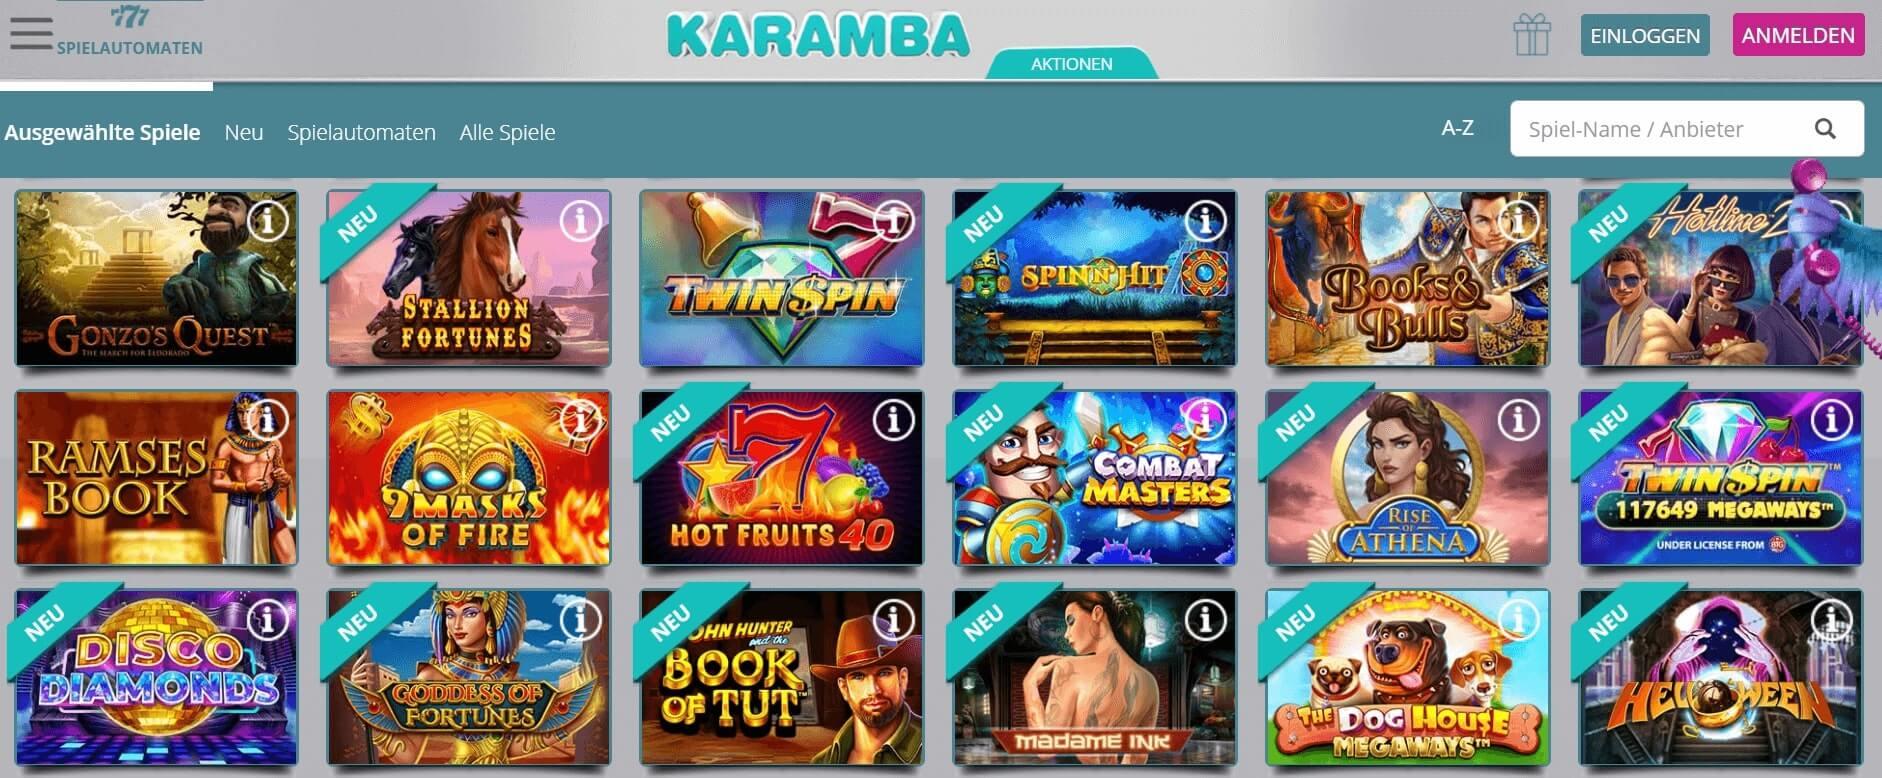 Karamba Erfahrung